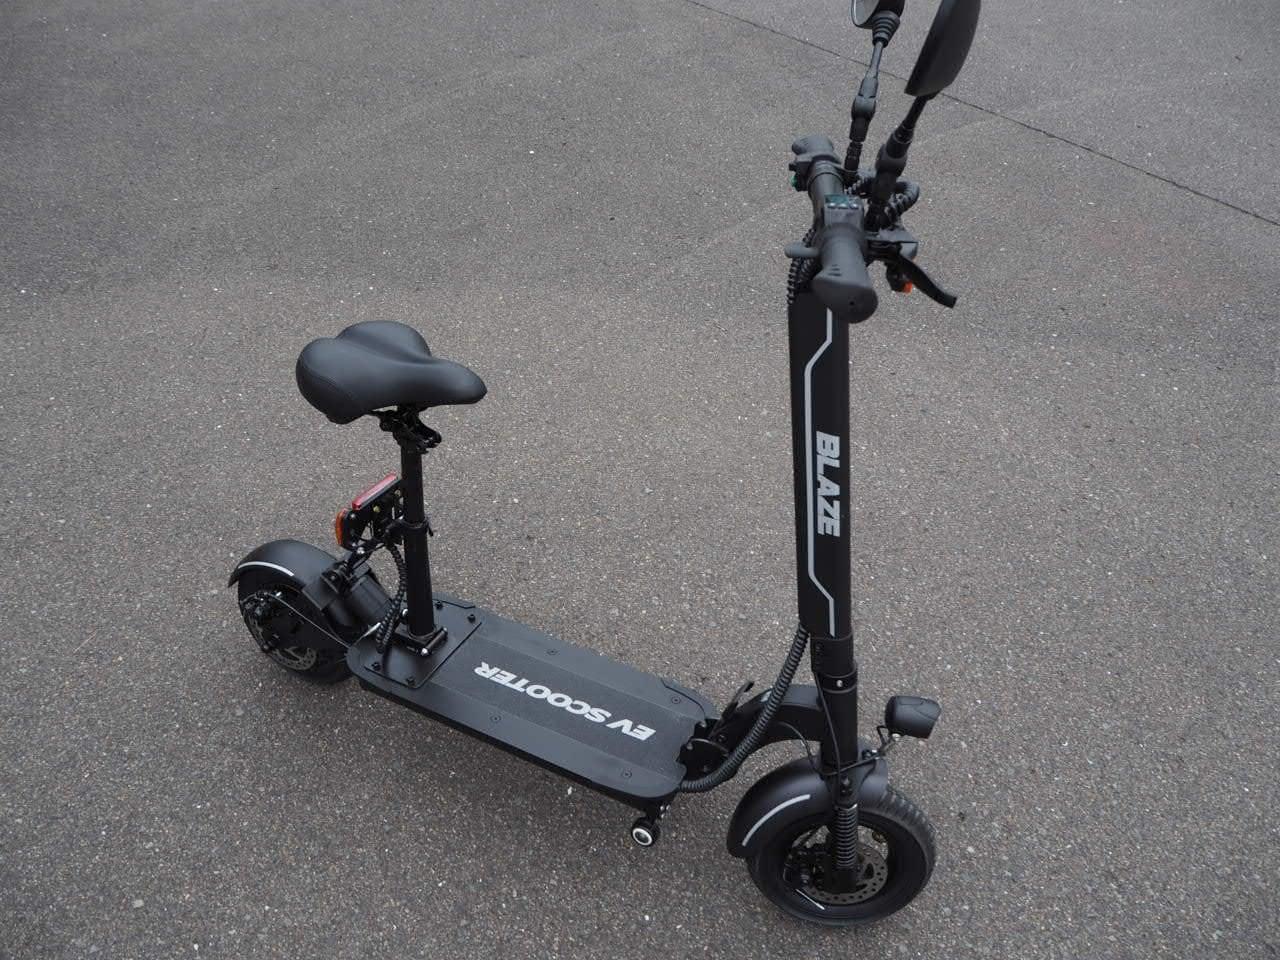 100%電気で動く折畳み可能な電動バイク ブレイズEVスクーター(ブラック色)【現金払い・銀行振り込み専用チケット】のイメージその2